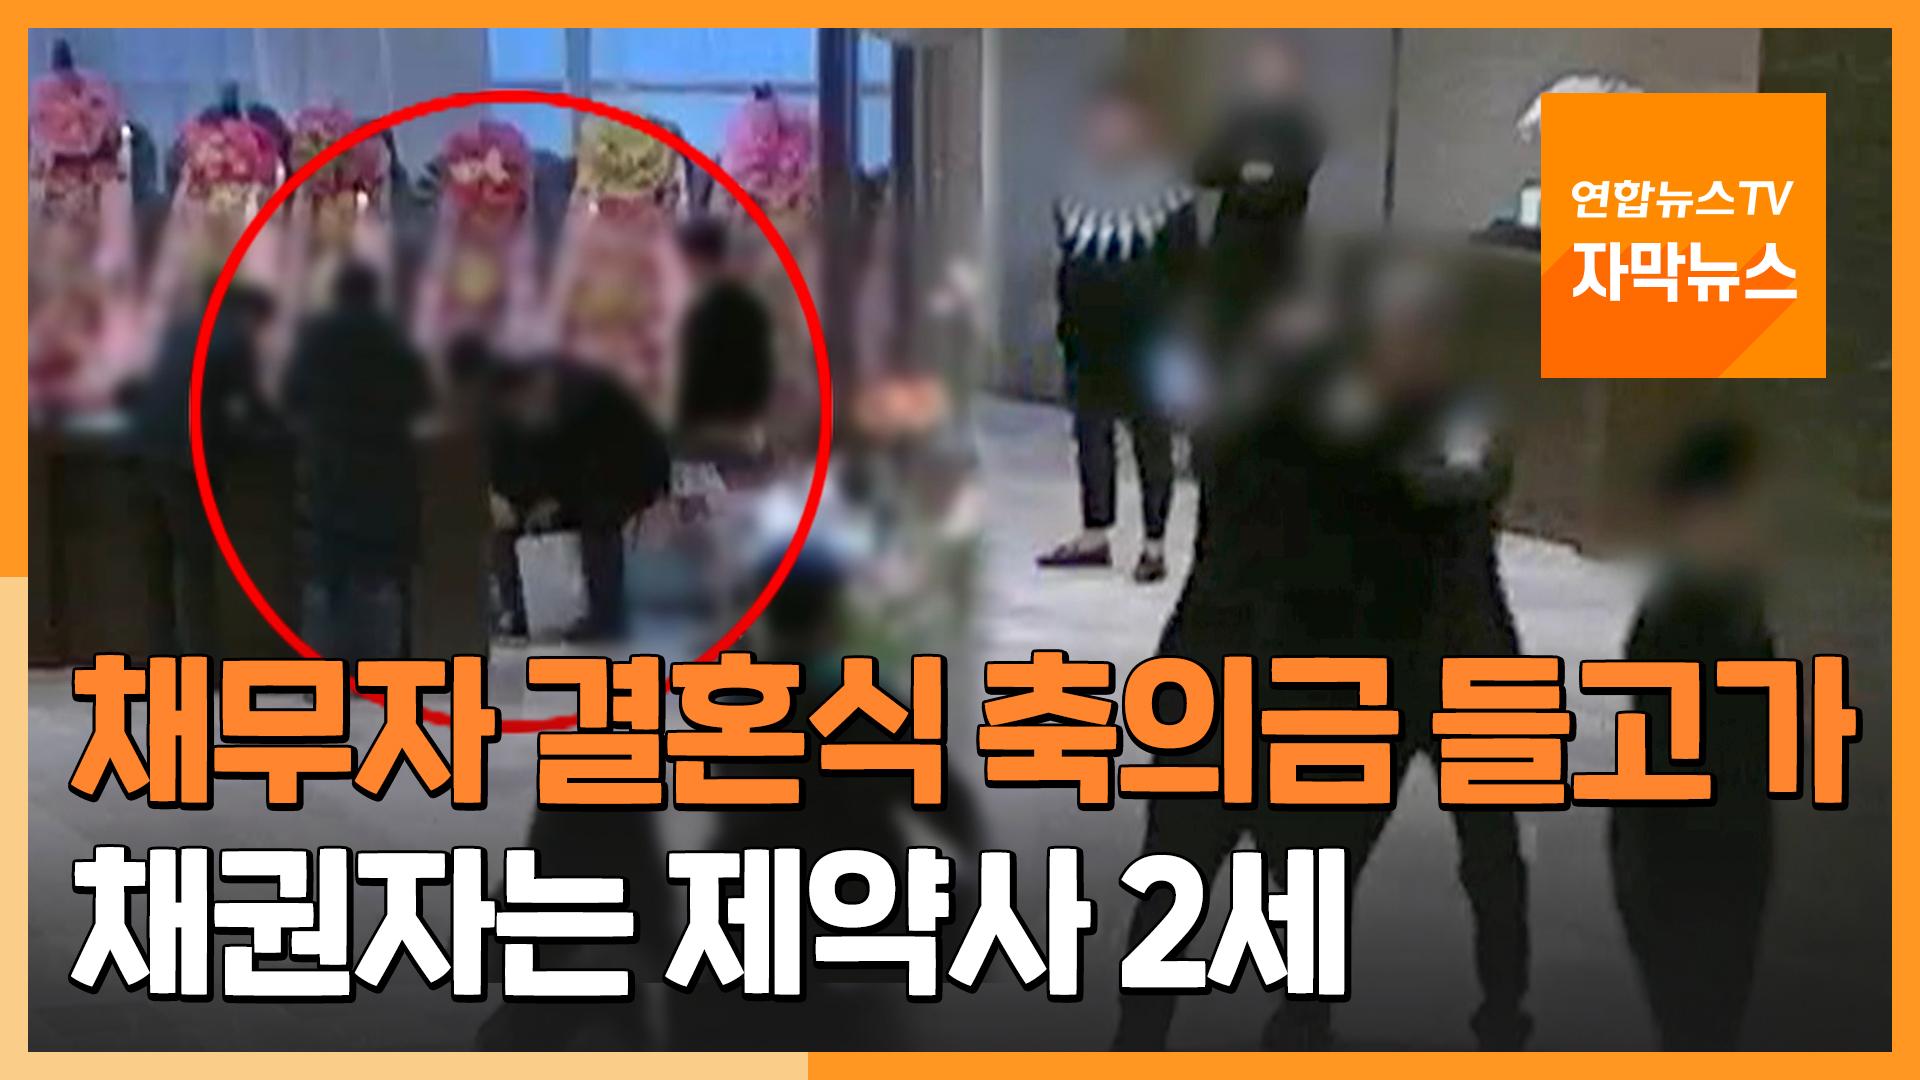 [자막뉴스] 채무자 결혼식 축의금 들고가…채권자는 유명 제약사 2세